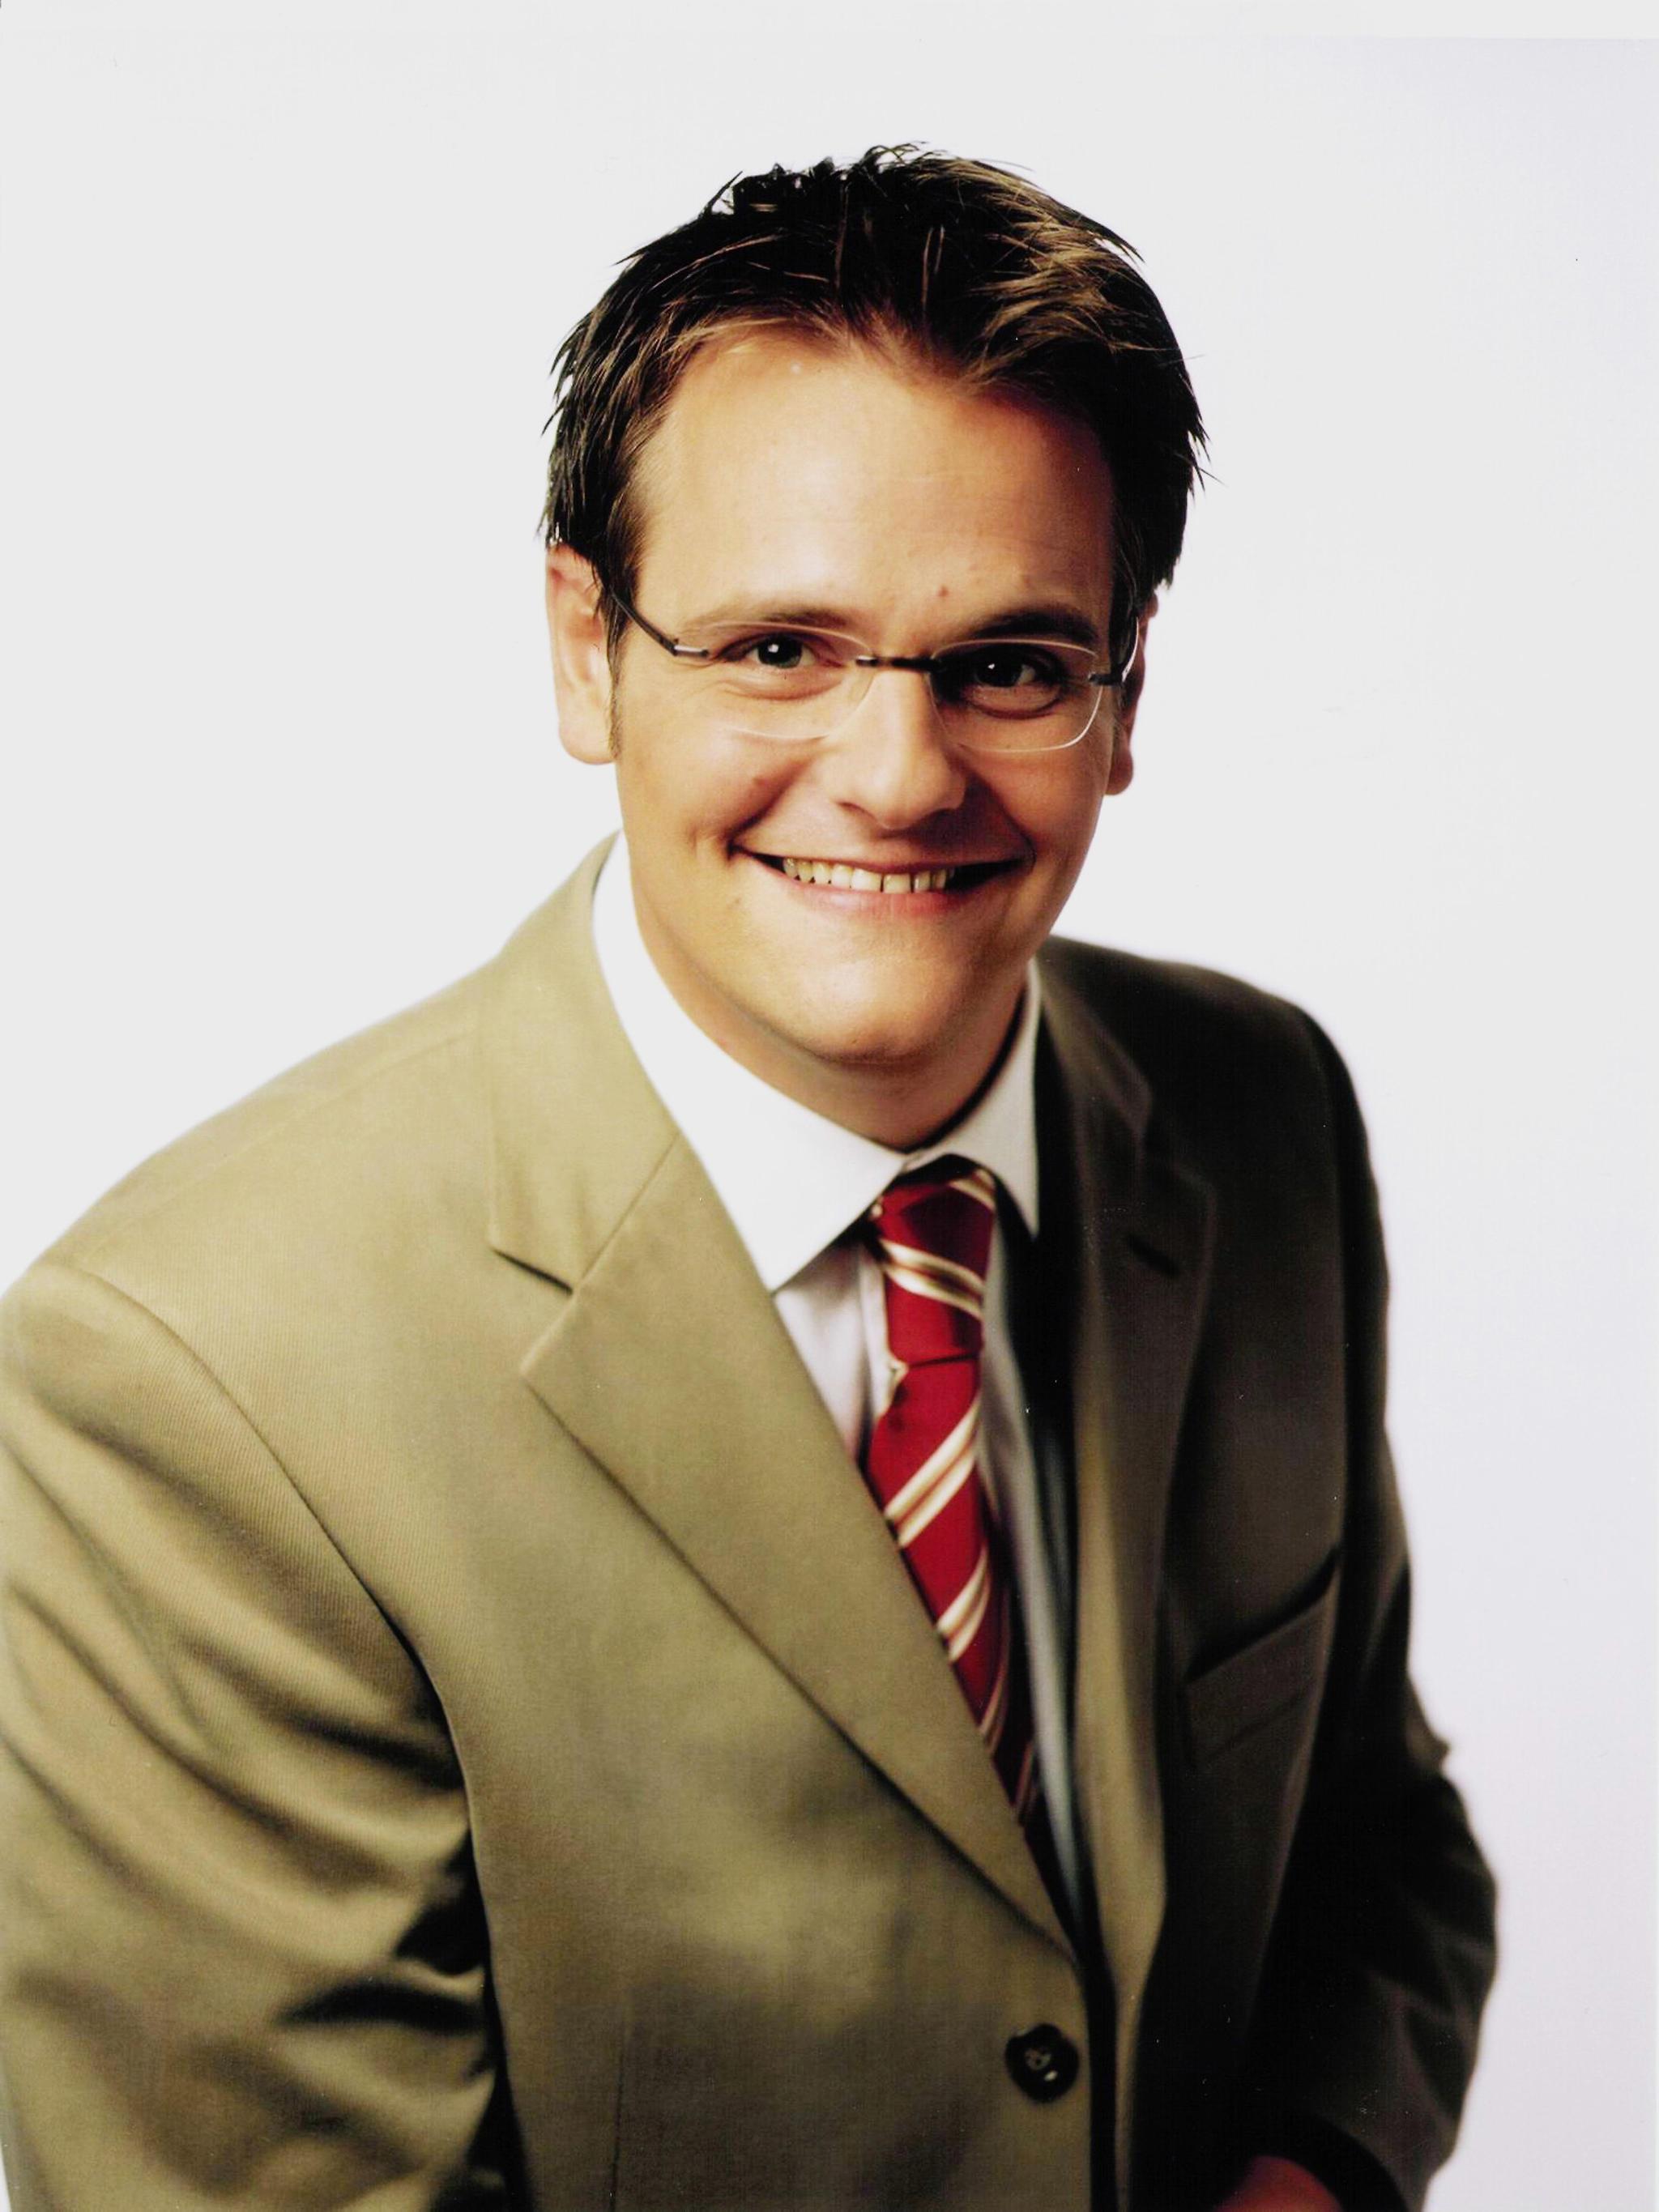 Bild zu OTS - Im Bild: Robert F. Hartlauer. Weiterhin auf wachsenden Erfolgskurs ist die Hartlauer-Optik mit seinem Komplettbrillen-Konzept um 65 Euro (Einstieg) bis maximal 152 Euro.